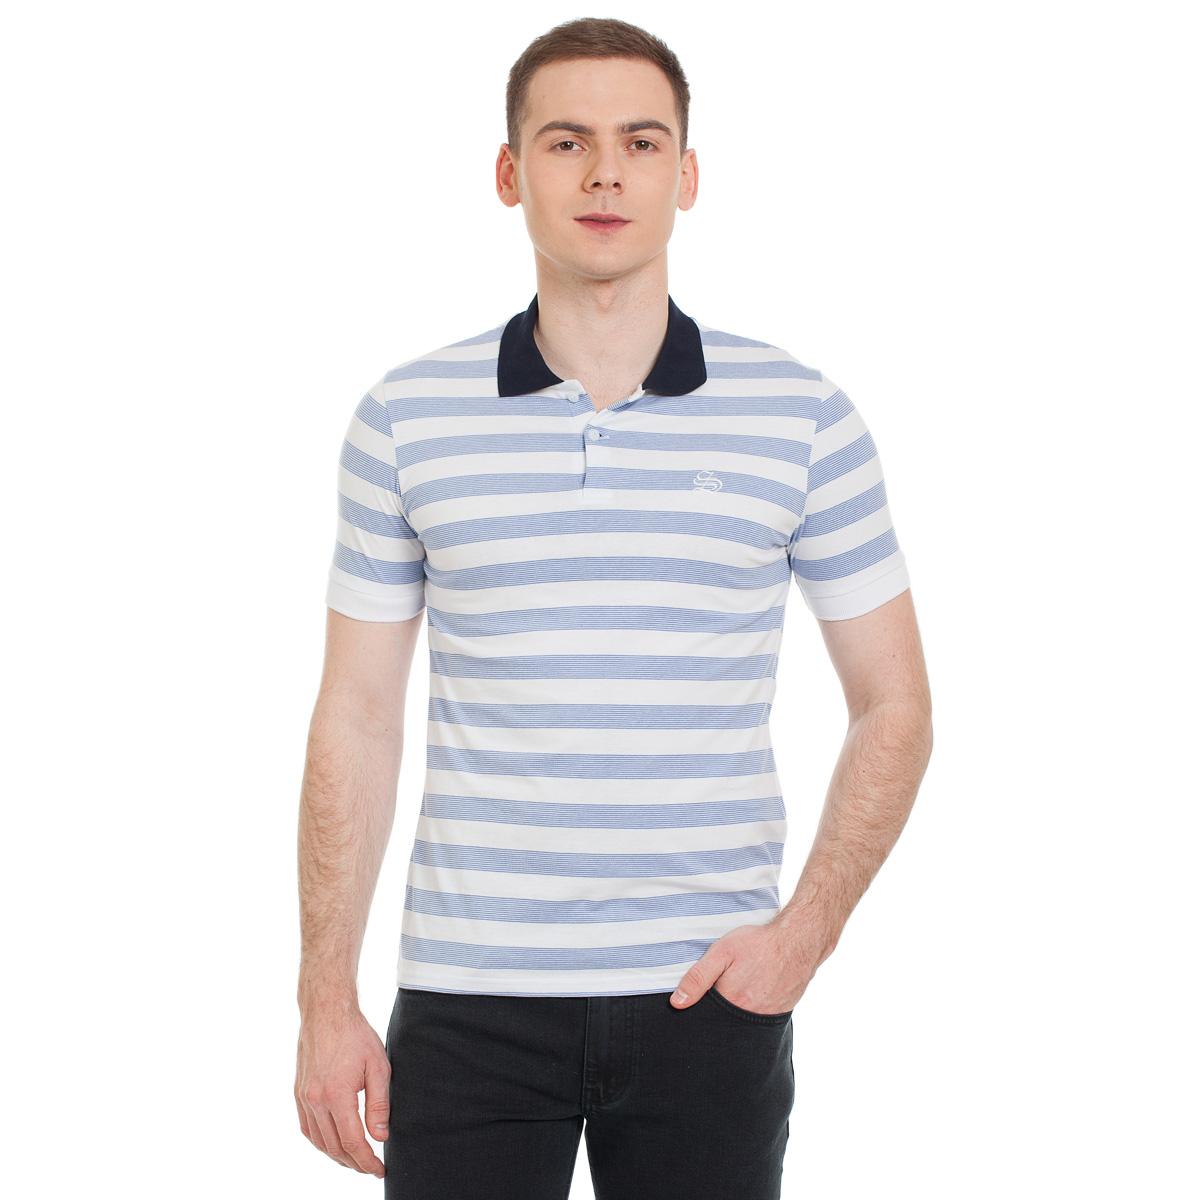 Рубашка поло Sevenext, MR-20-14 рубашка поло sevenext mr 20 11